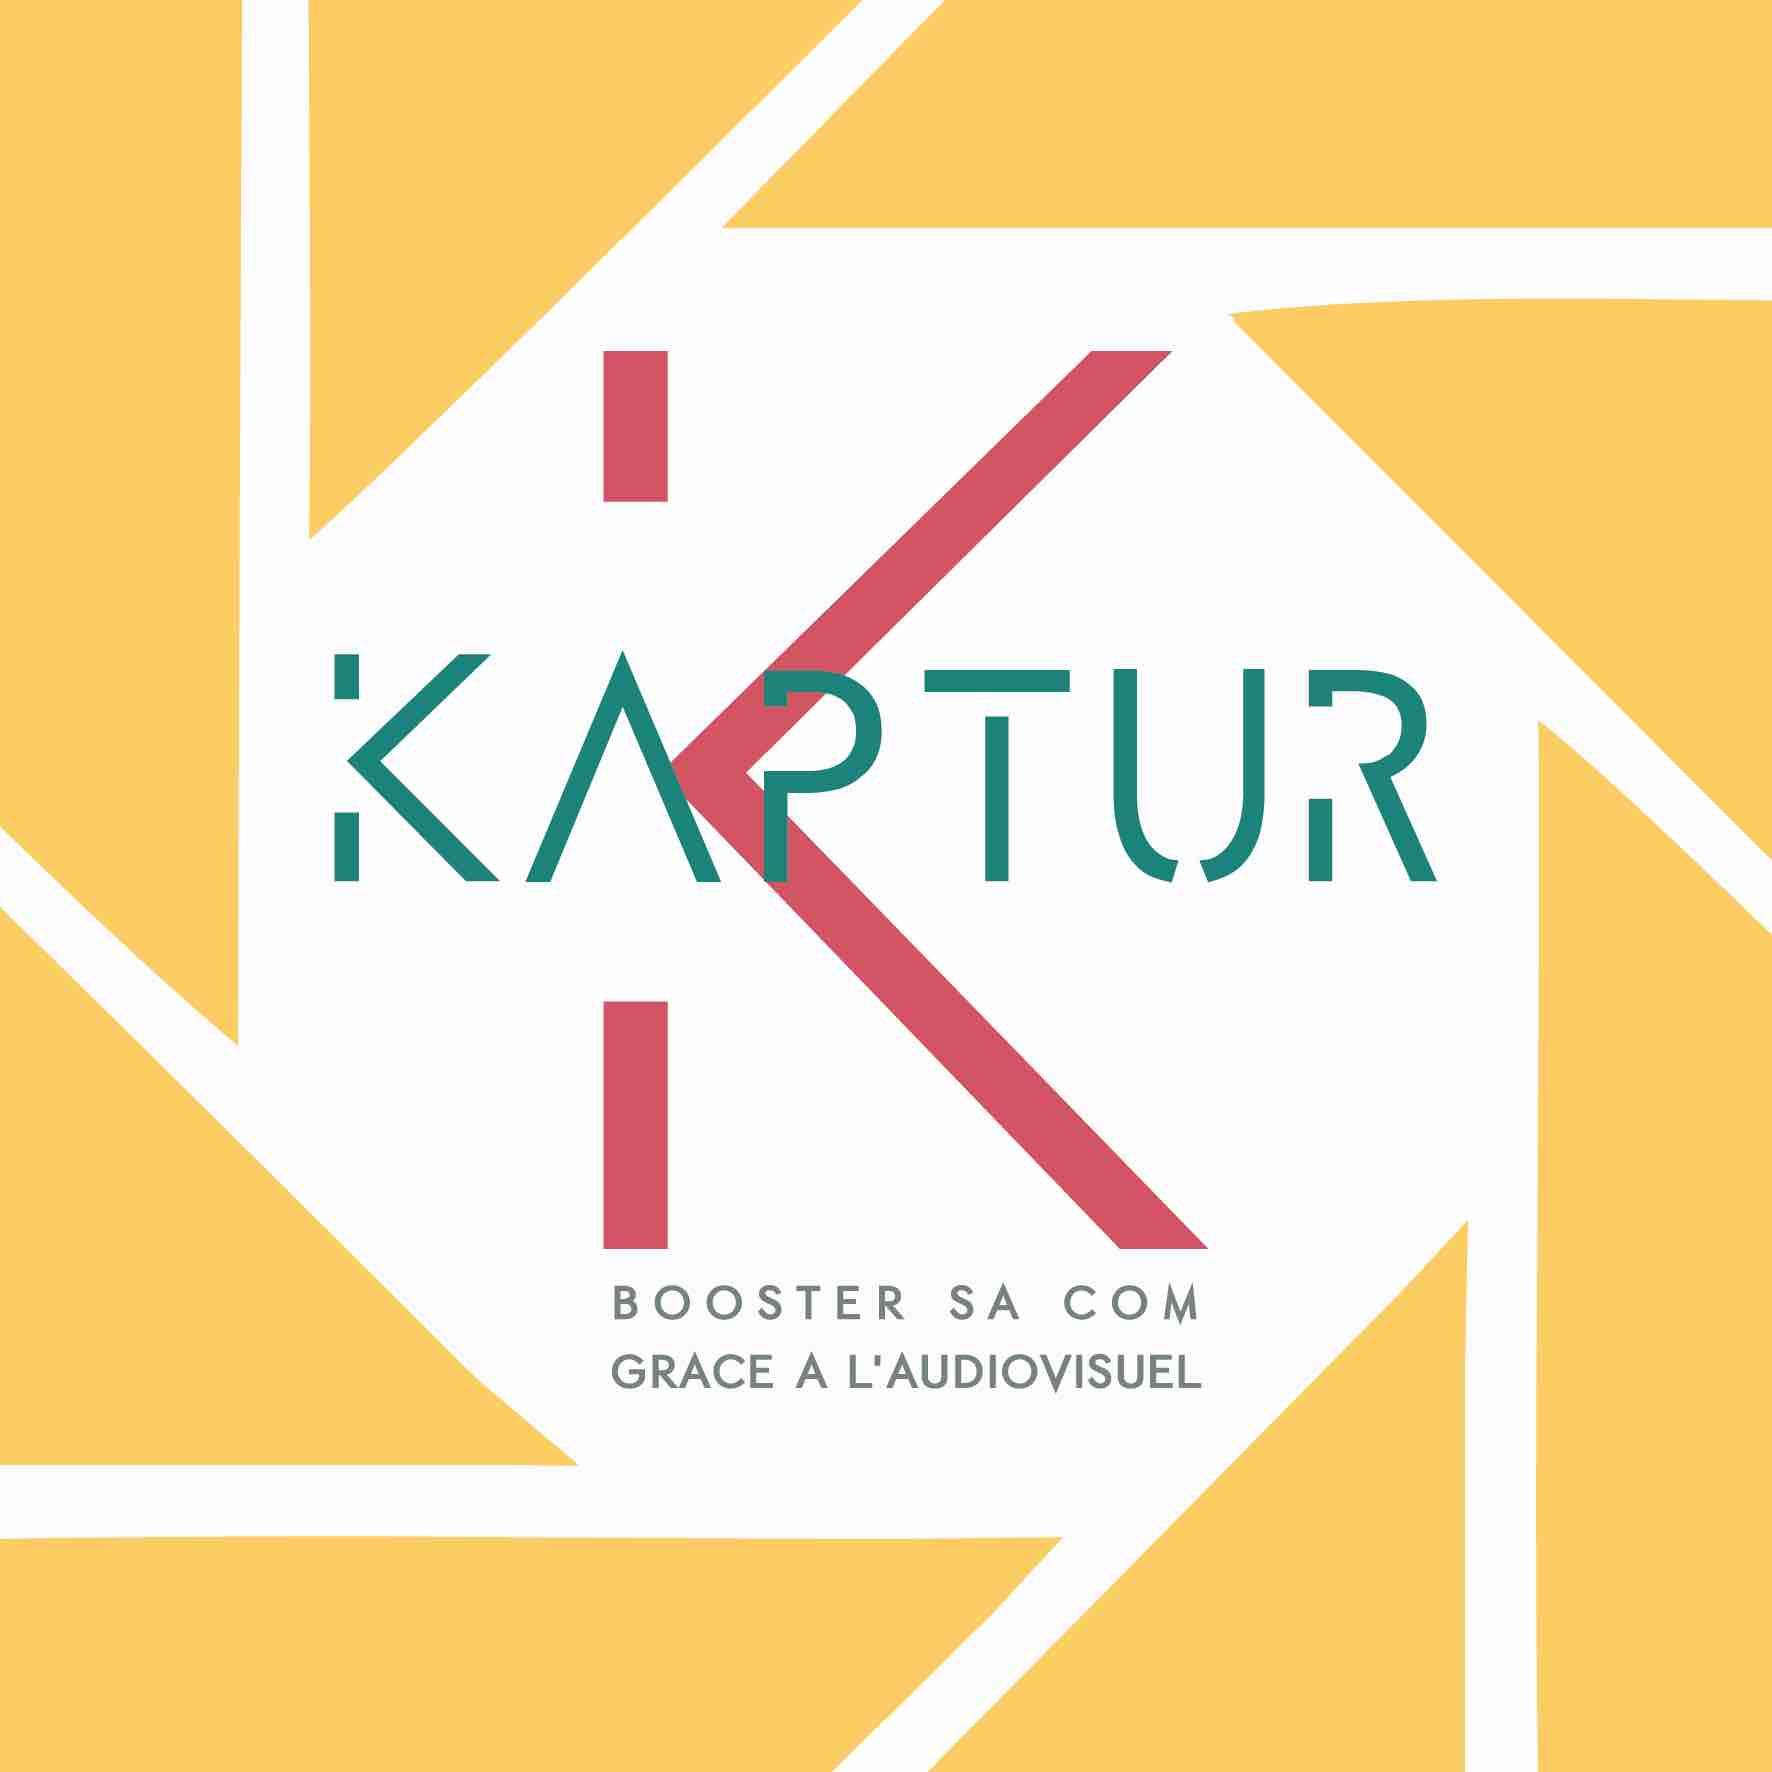 Logo-Kaptur-BNI-Annecy-Haute-Savoie